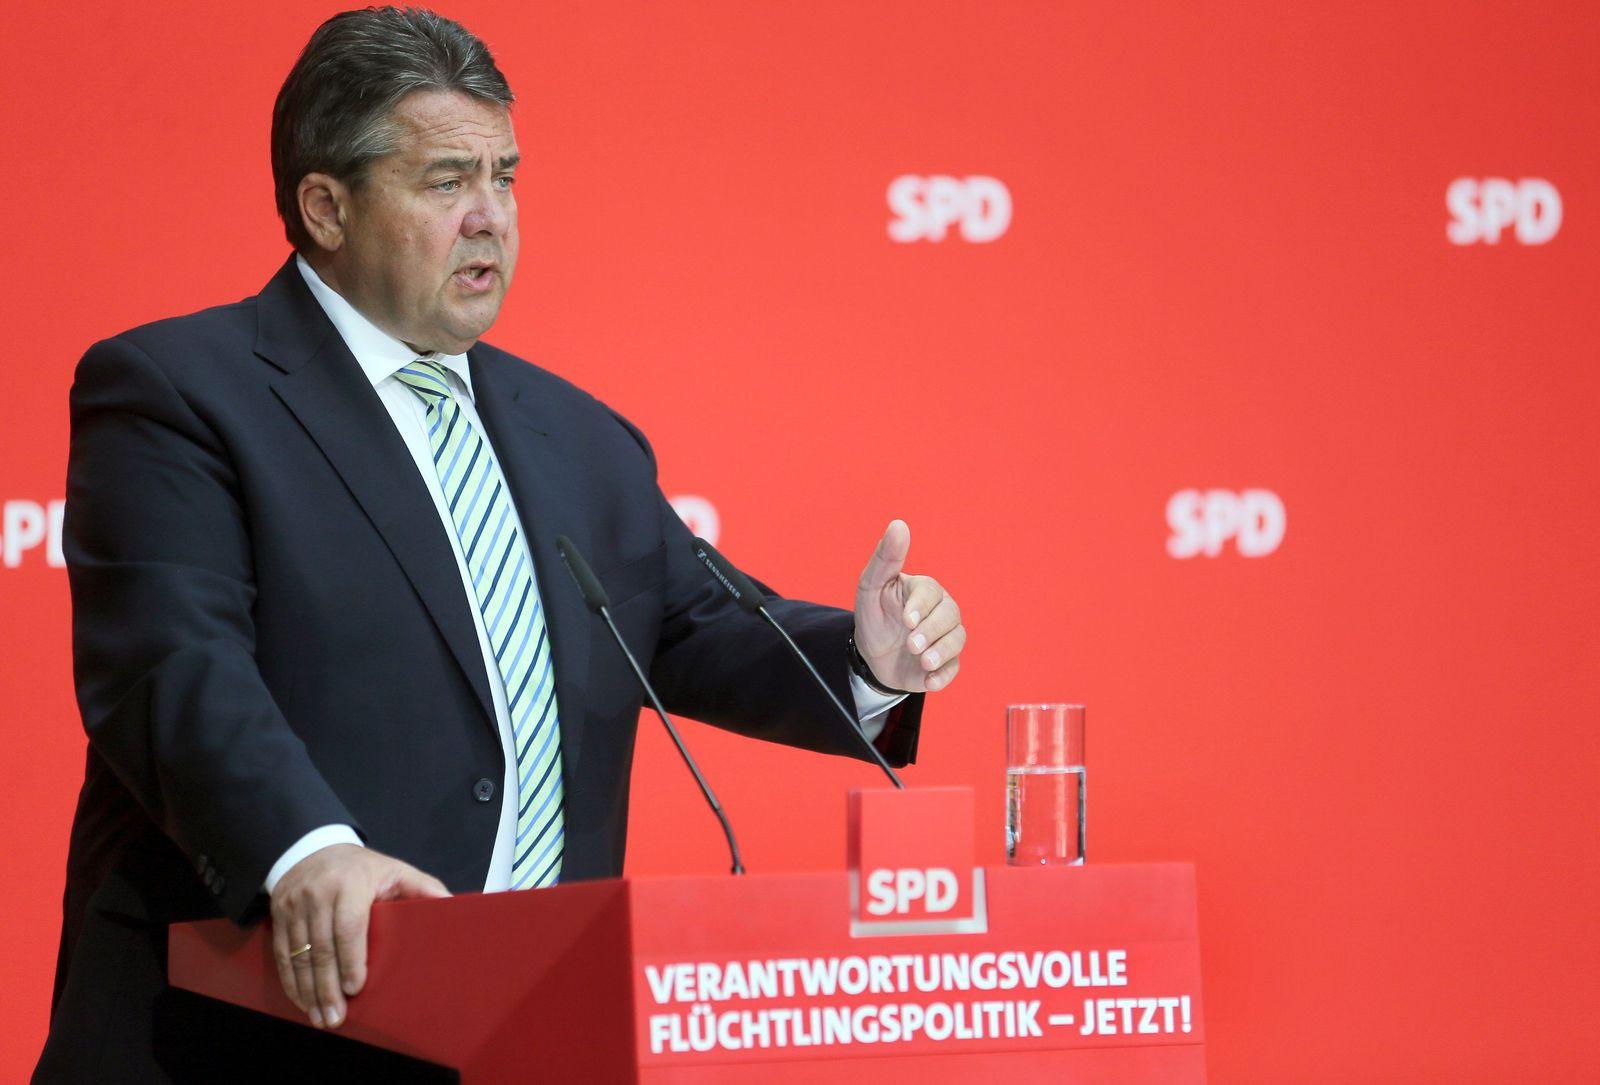 SPD-Konferenz zu Flüchtlingspolitik